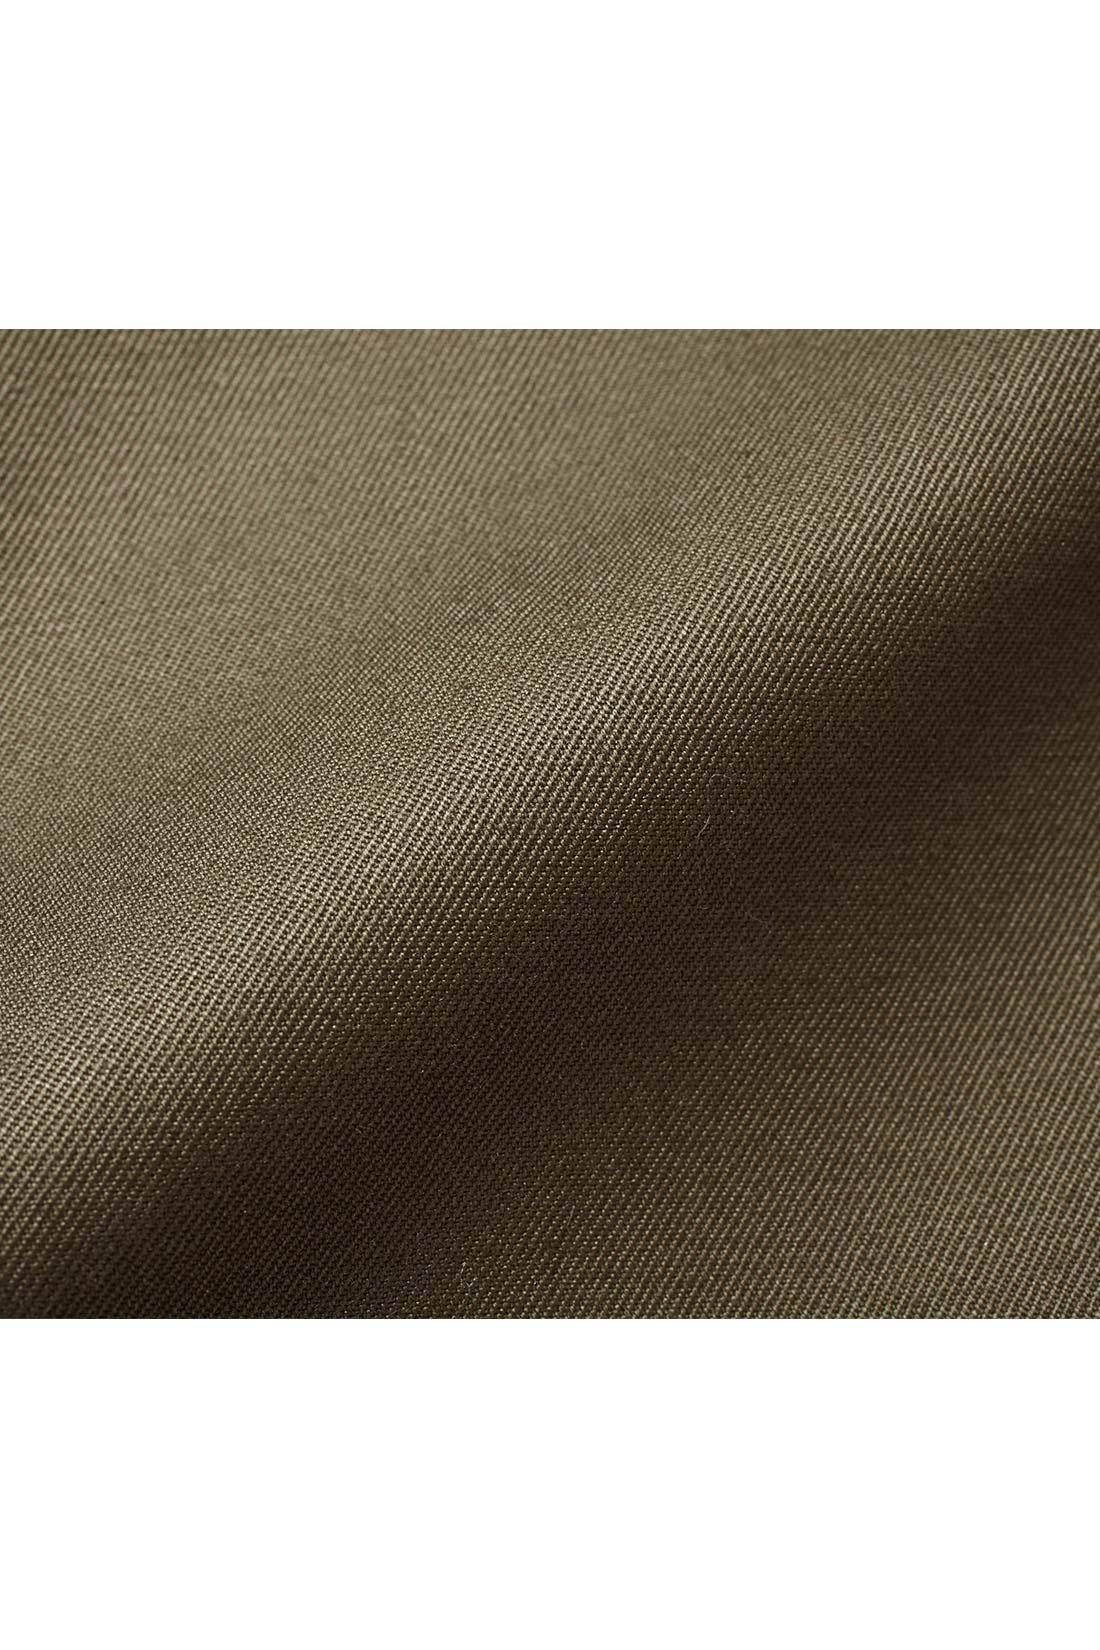 ギャバという厚みのある生地。ノンウォッシュで仕上げることで、綿ながらきれいめな女性らしい印象です。